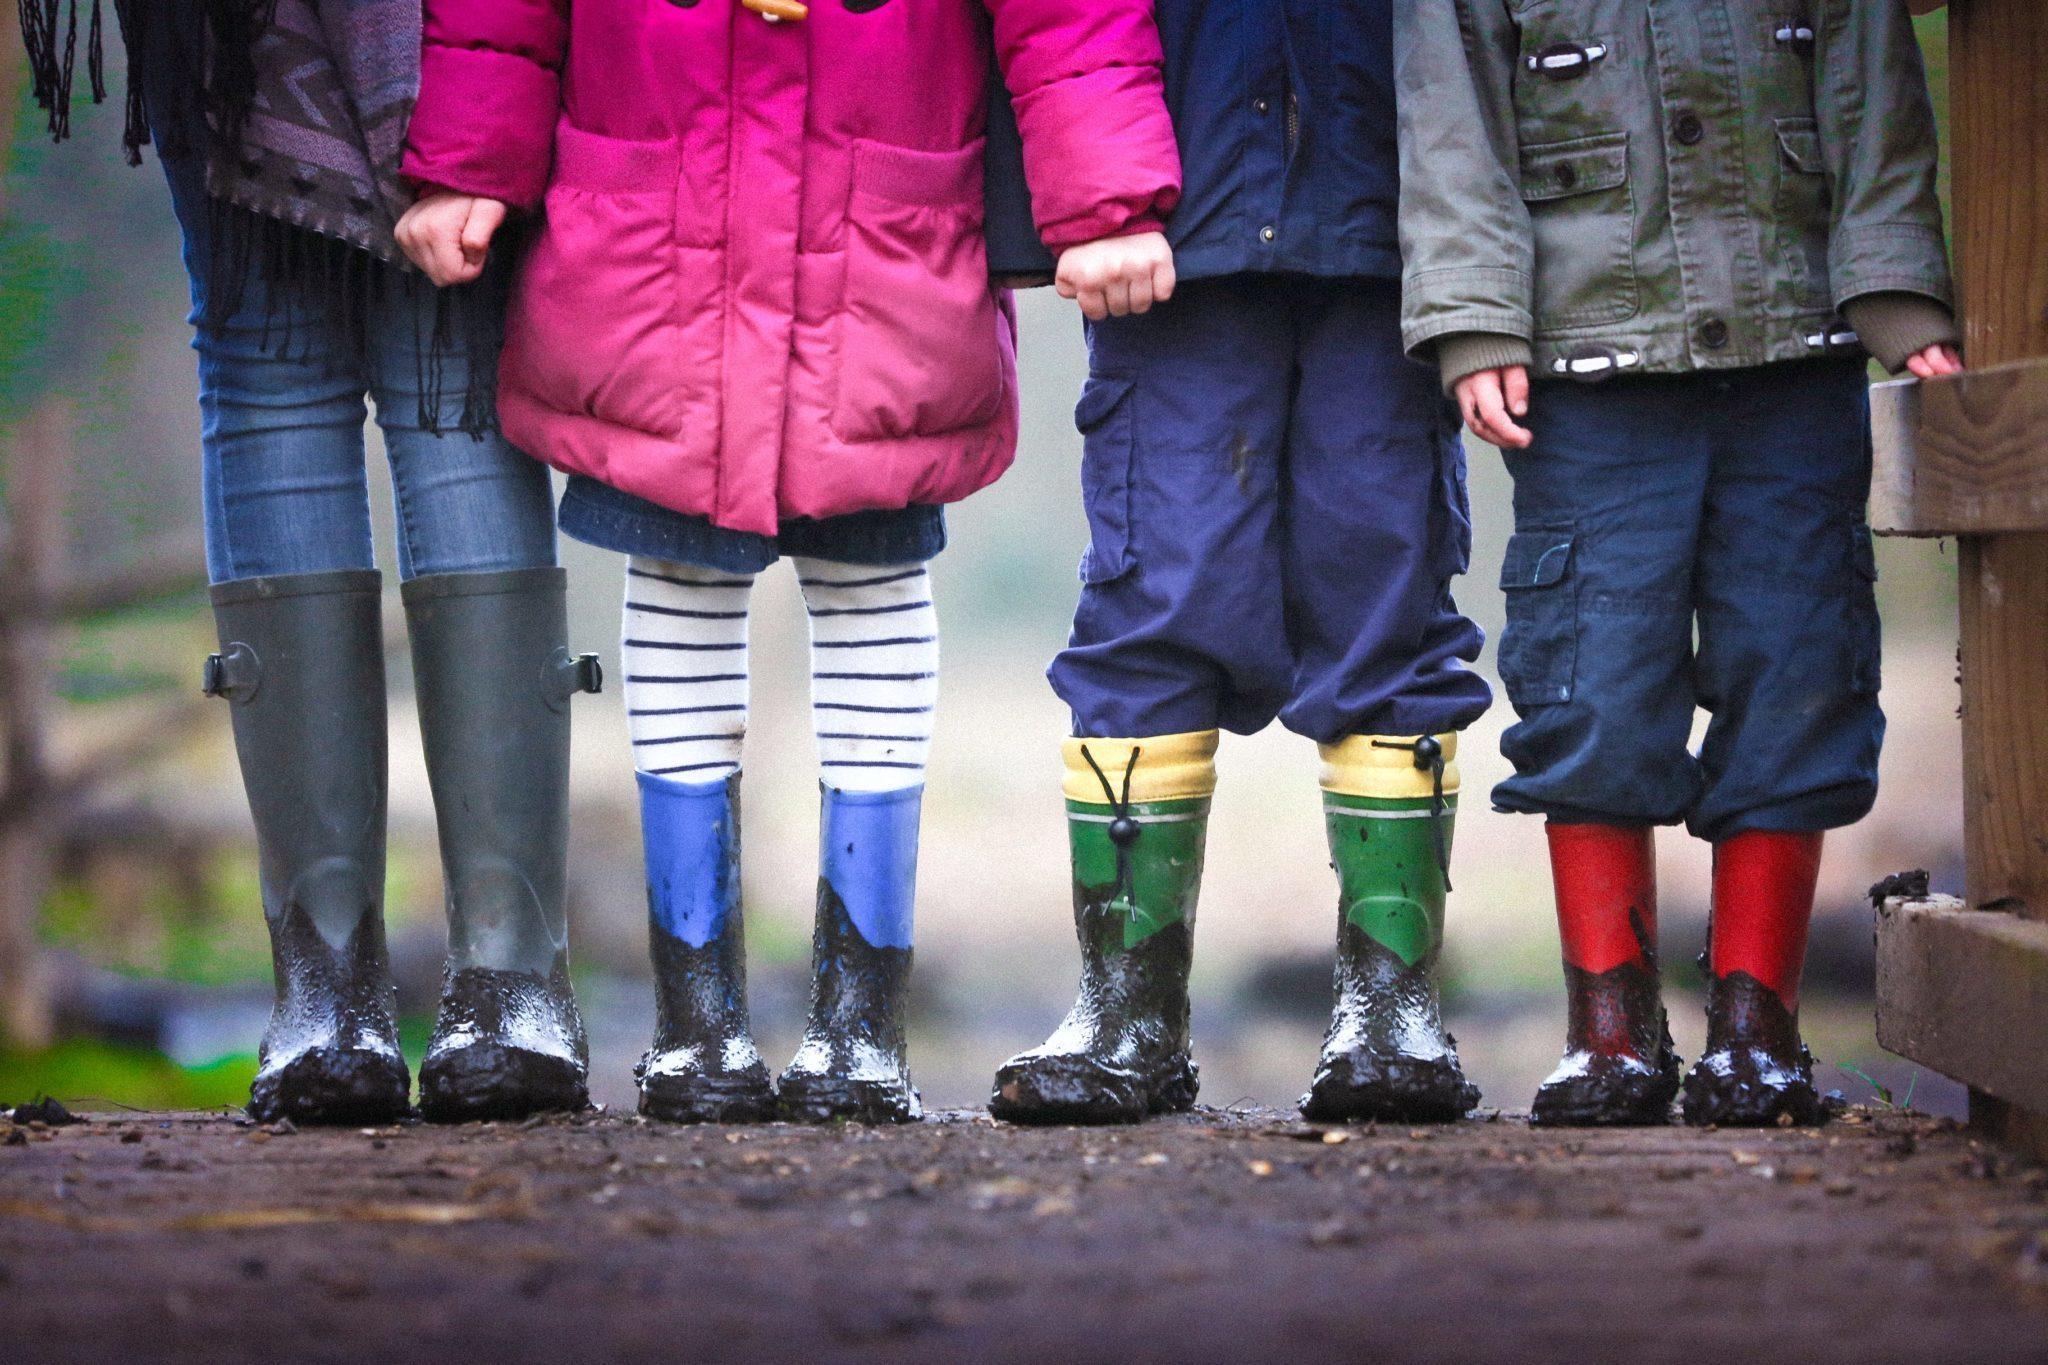 Kinder, Opfer häuslicher Gewalt – Projektaufruf